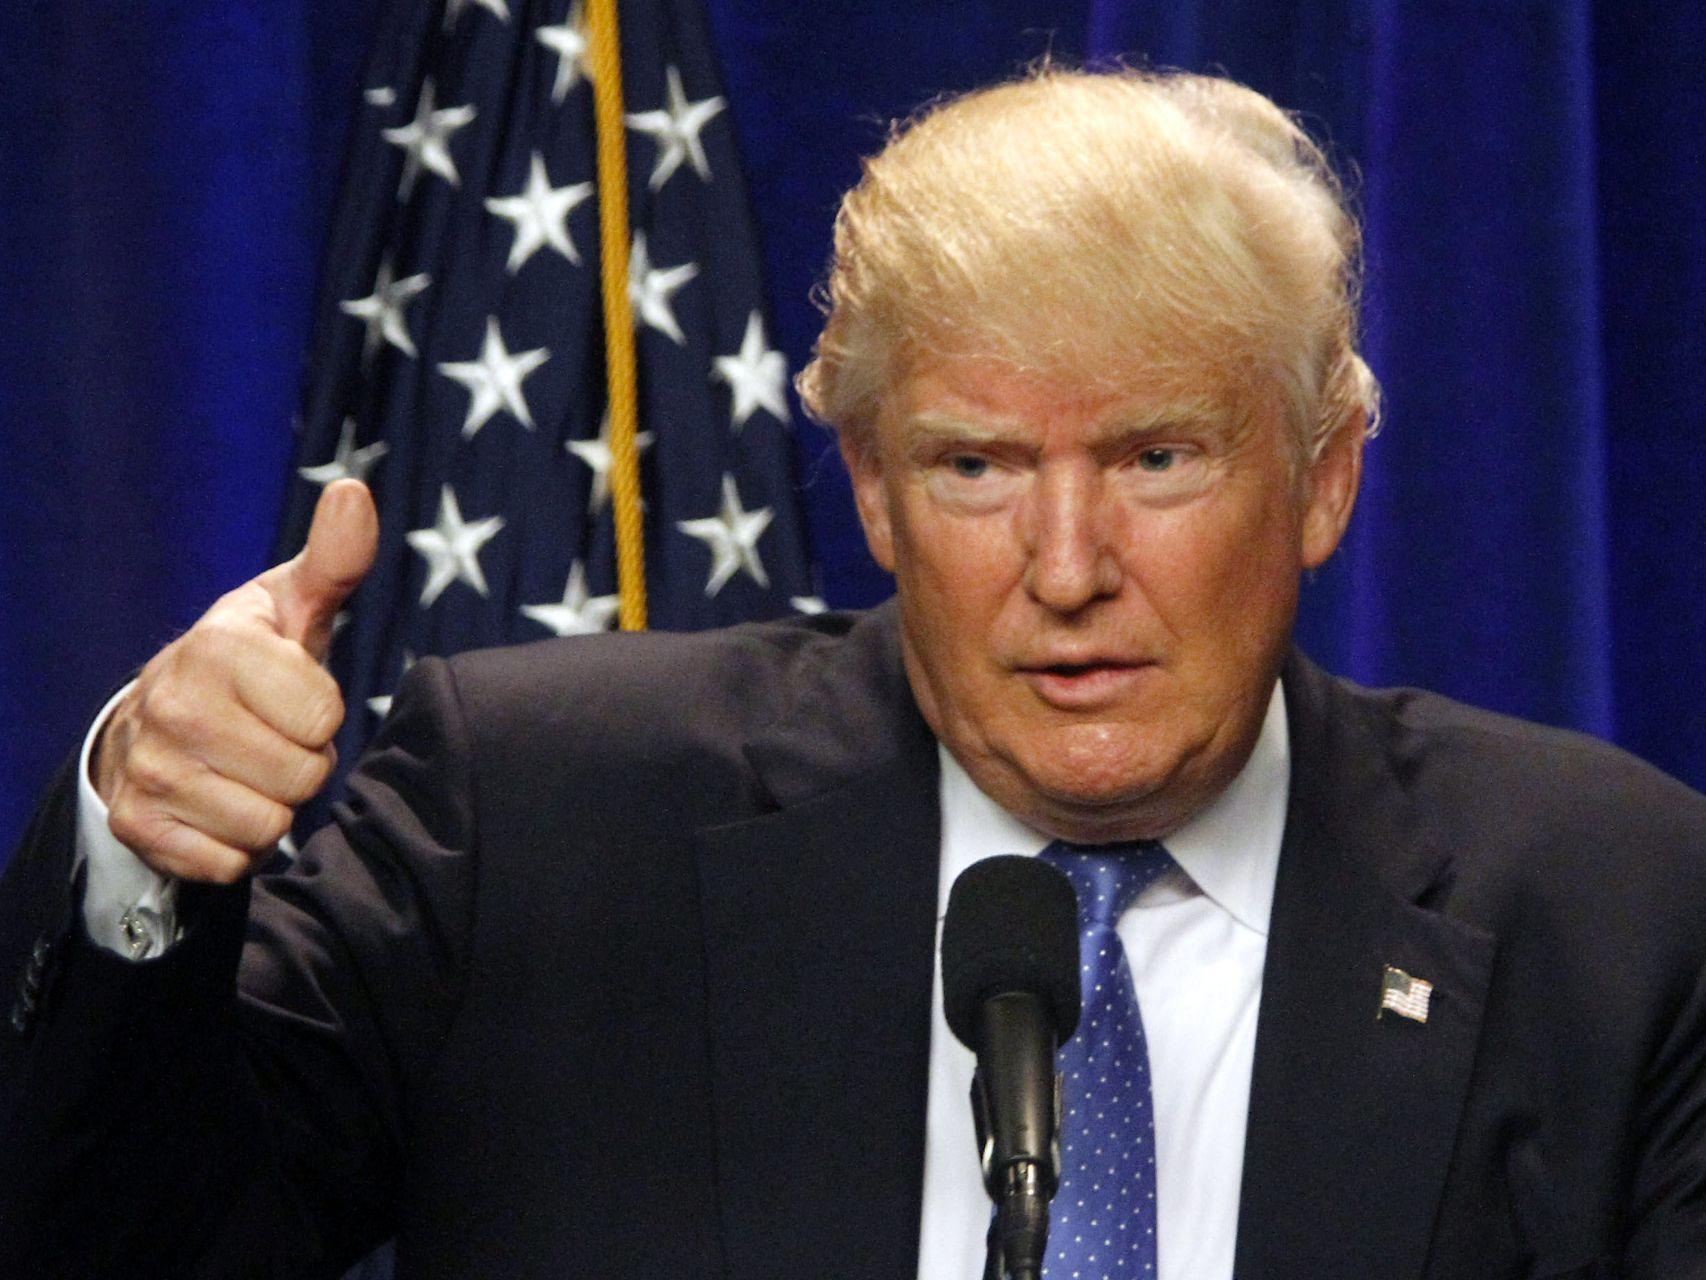 Irak fue retirada de la lista de países vetados por Trump